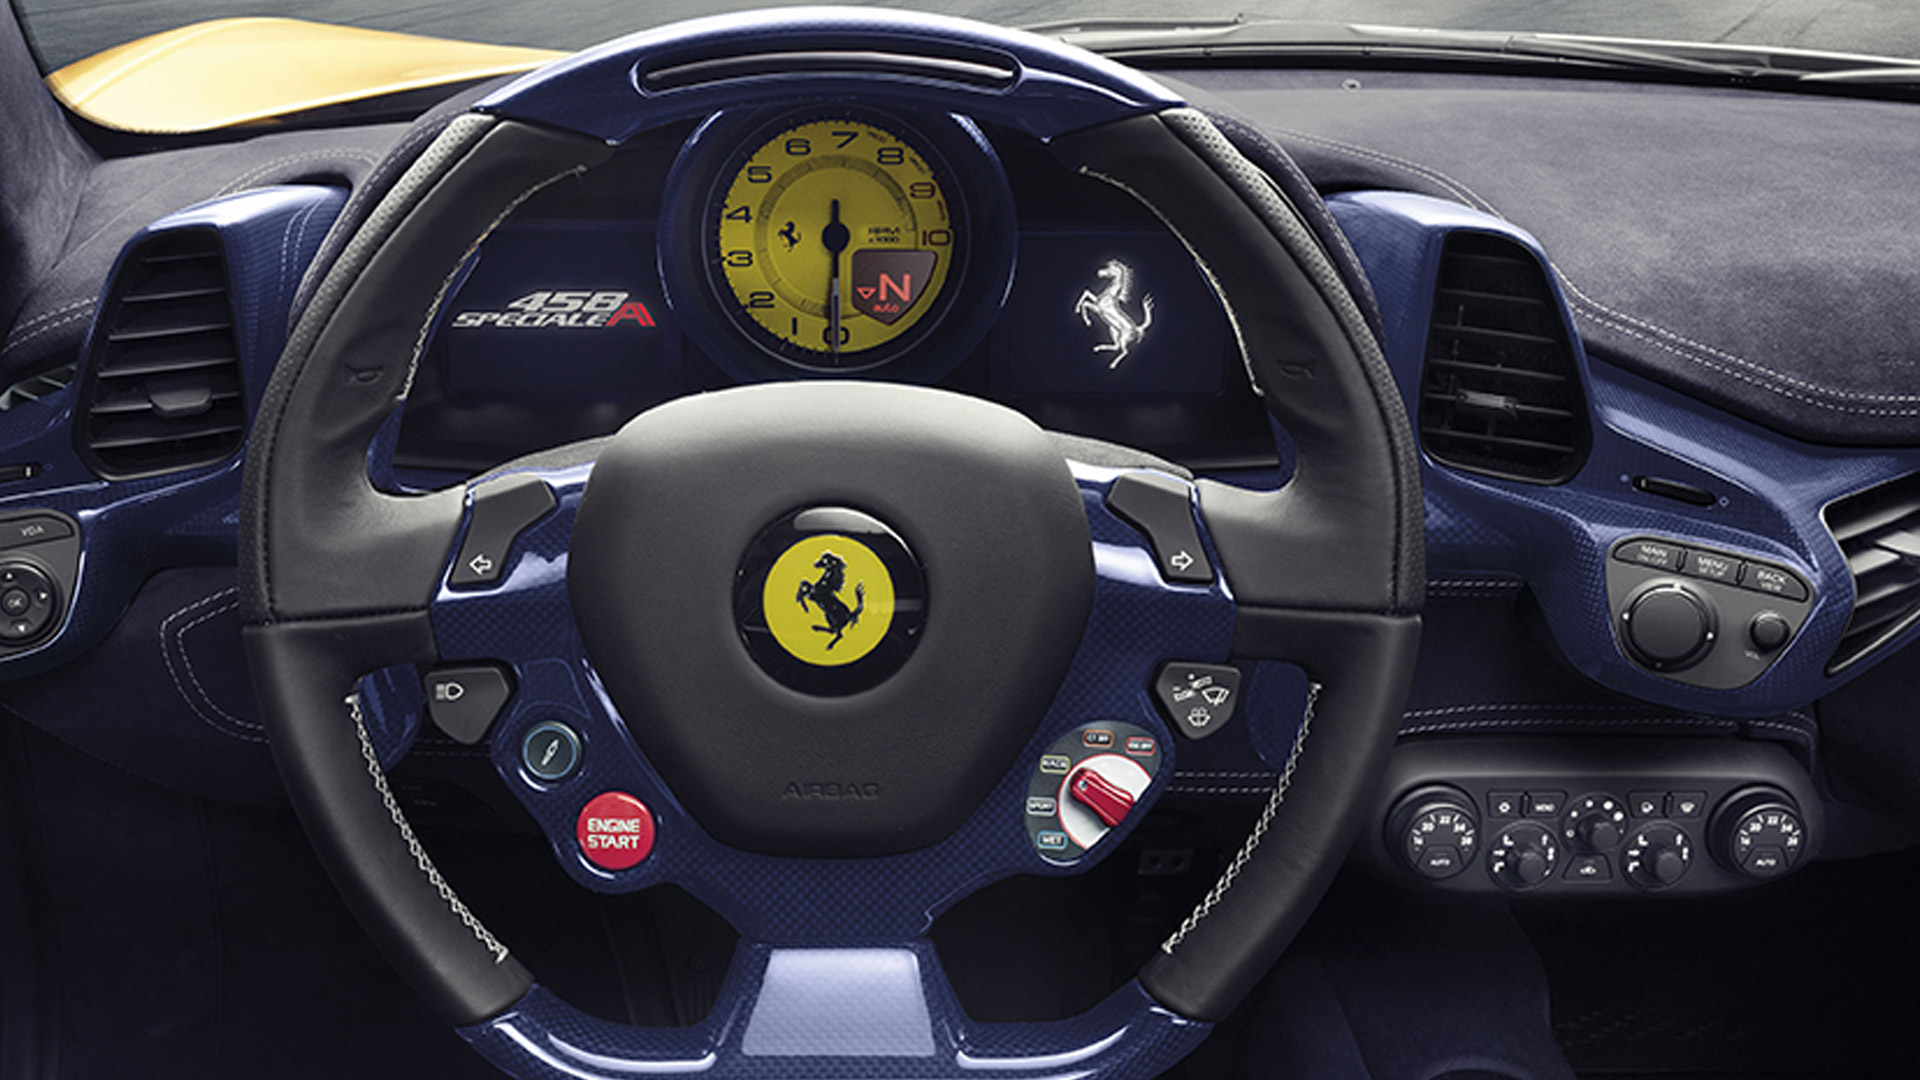 Ferrari 458 2015 Speciale A Interior